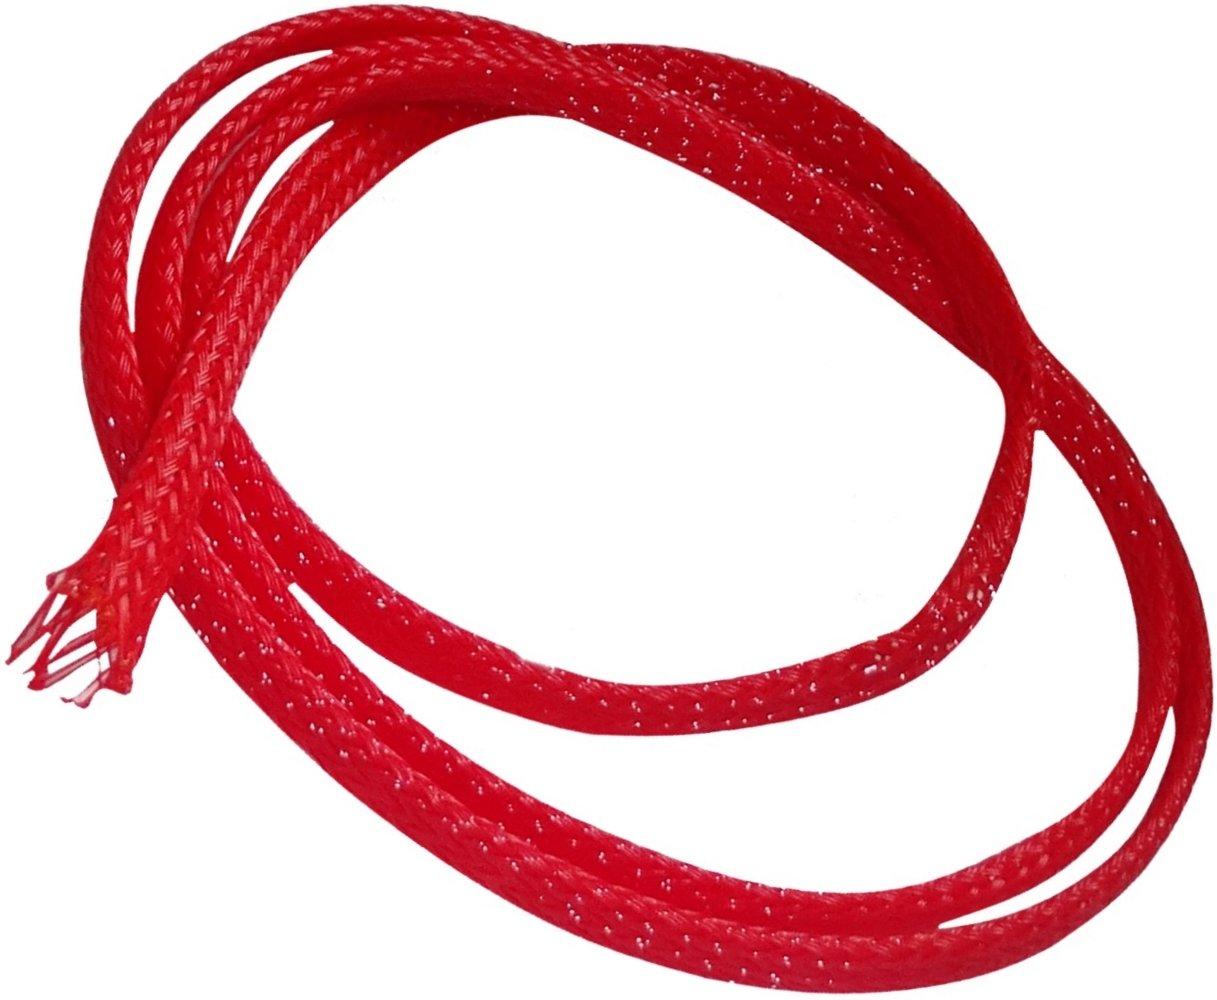 Kabelmantel Schrumpfschlauch elektrische Kabelh/ülse 2 m 4 mm von 3 mm bis 7 mm Rot Aerzetix